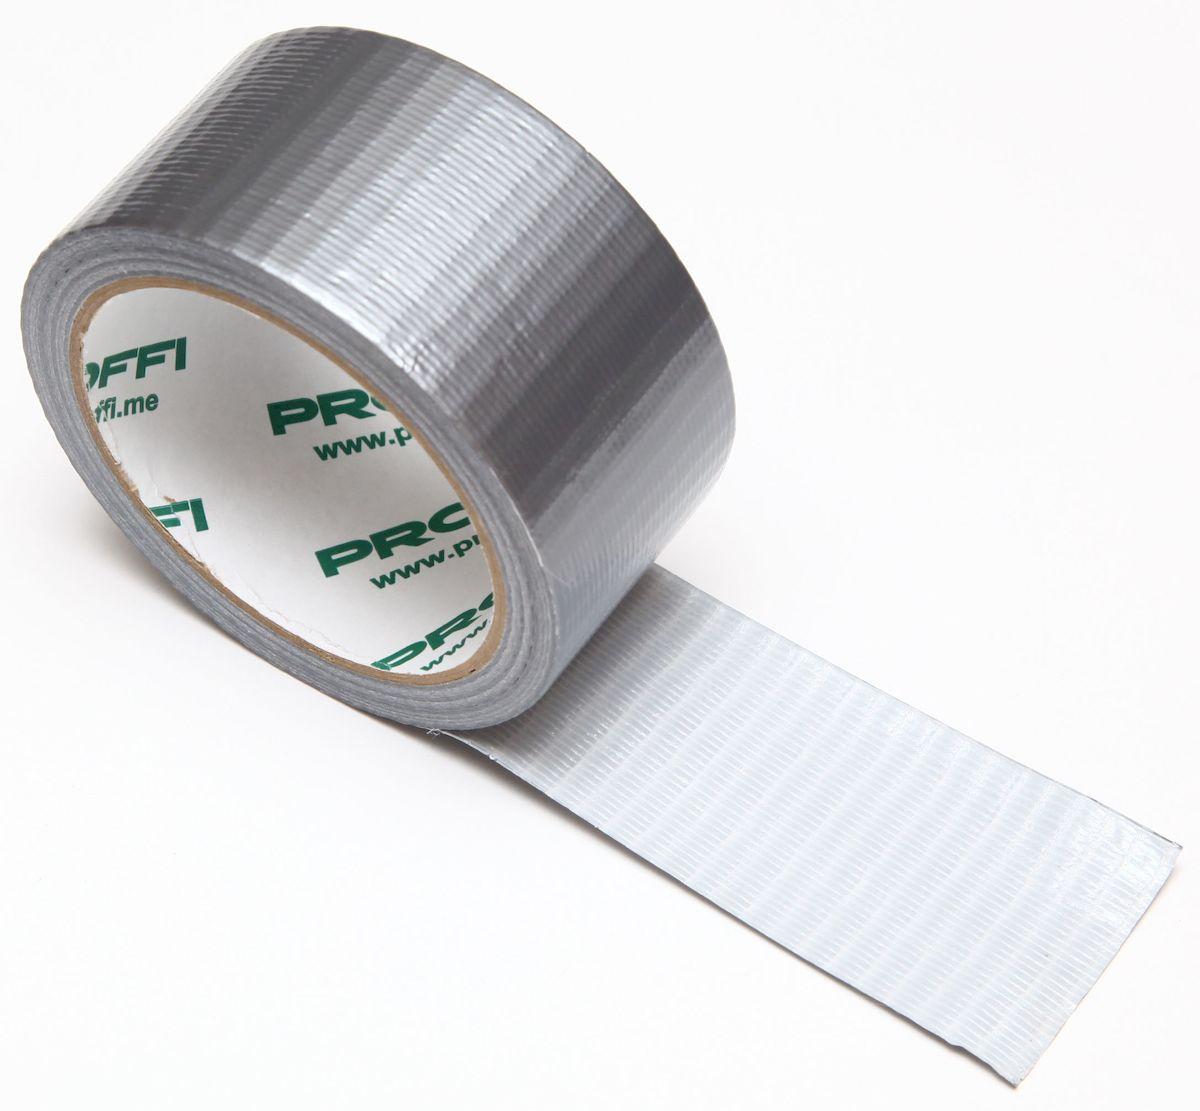 Лента алюминиевая Proffi, самоклеящаяся, 48 мм х 40 м98293777Лента алюминиевая самоклеящаяся 20 микрон 48 мм х 40мАдгезия к стали - 8 Н/см, Липкость - 9 Н/см, Температура применения - +5 …+55 (±5) °С, Температура эксплуатации - -40…+ 70 (±5) °С